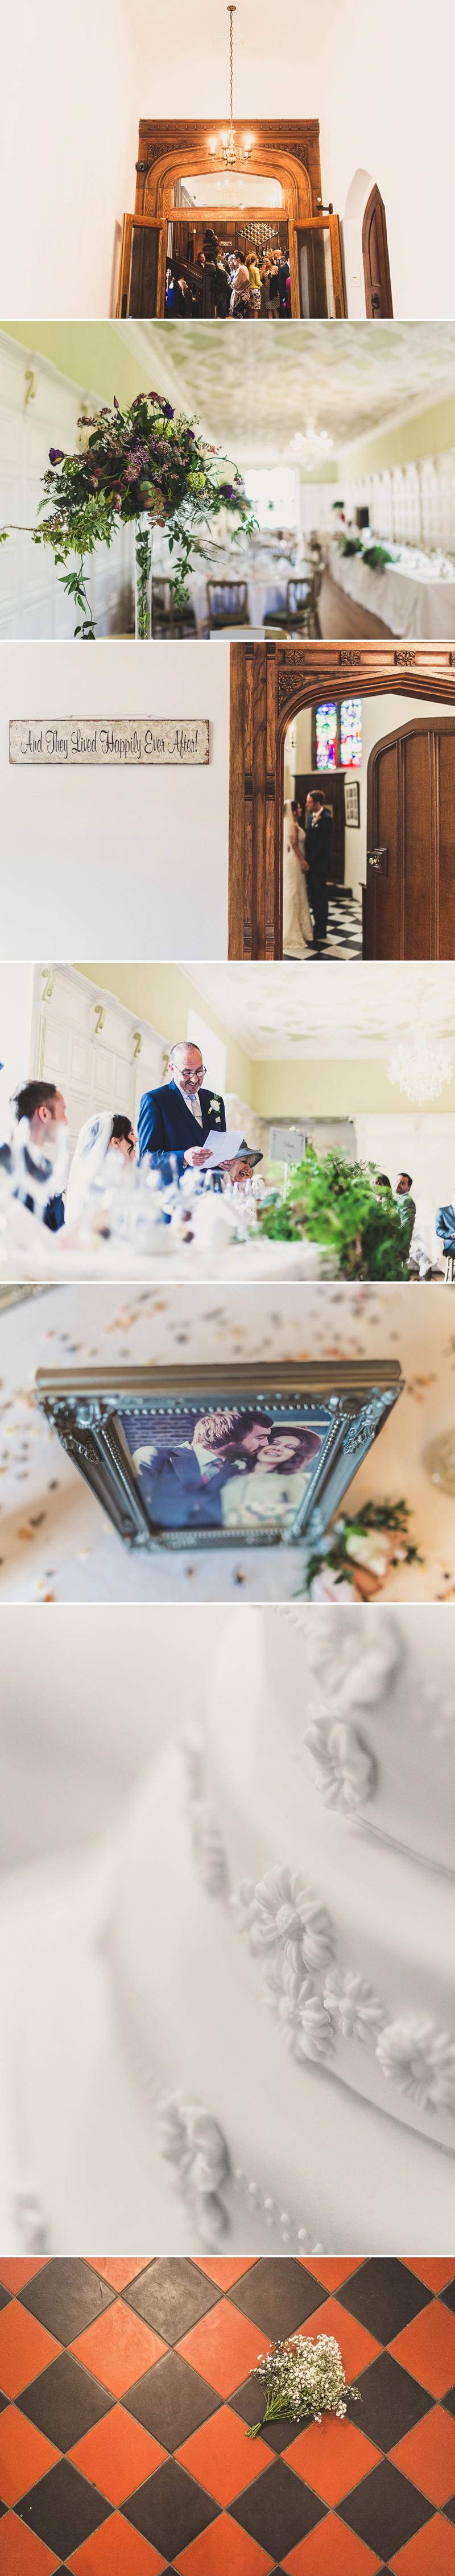 suffolk-wedding-venue-hengrave-hall-wedding-coco-wedding-venues-luis-holden-photography-006